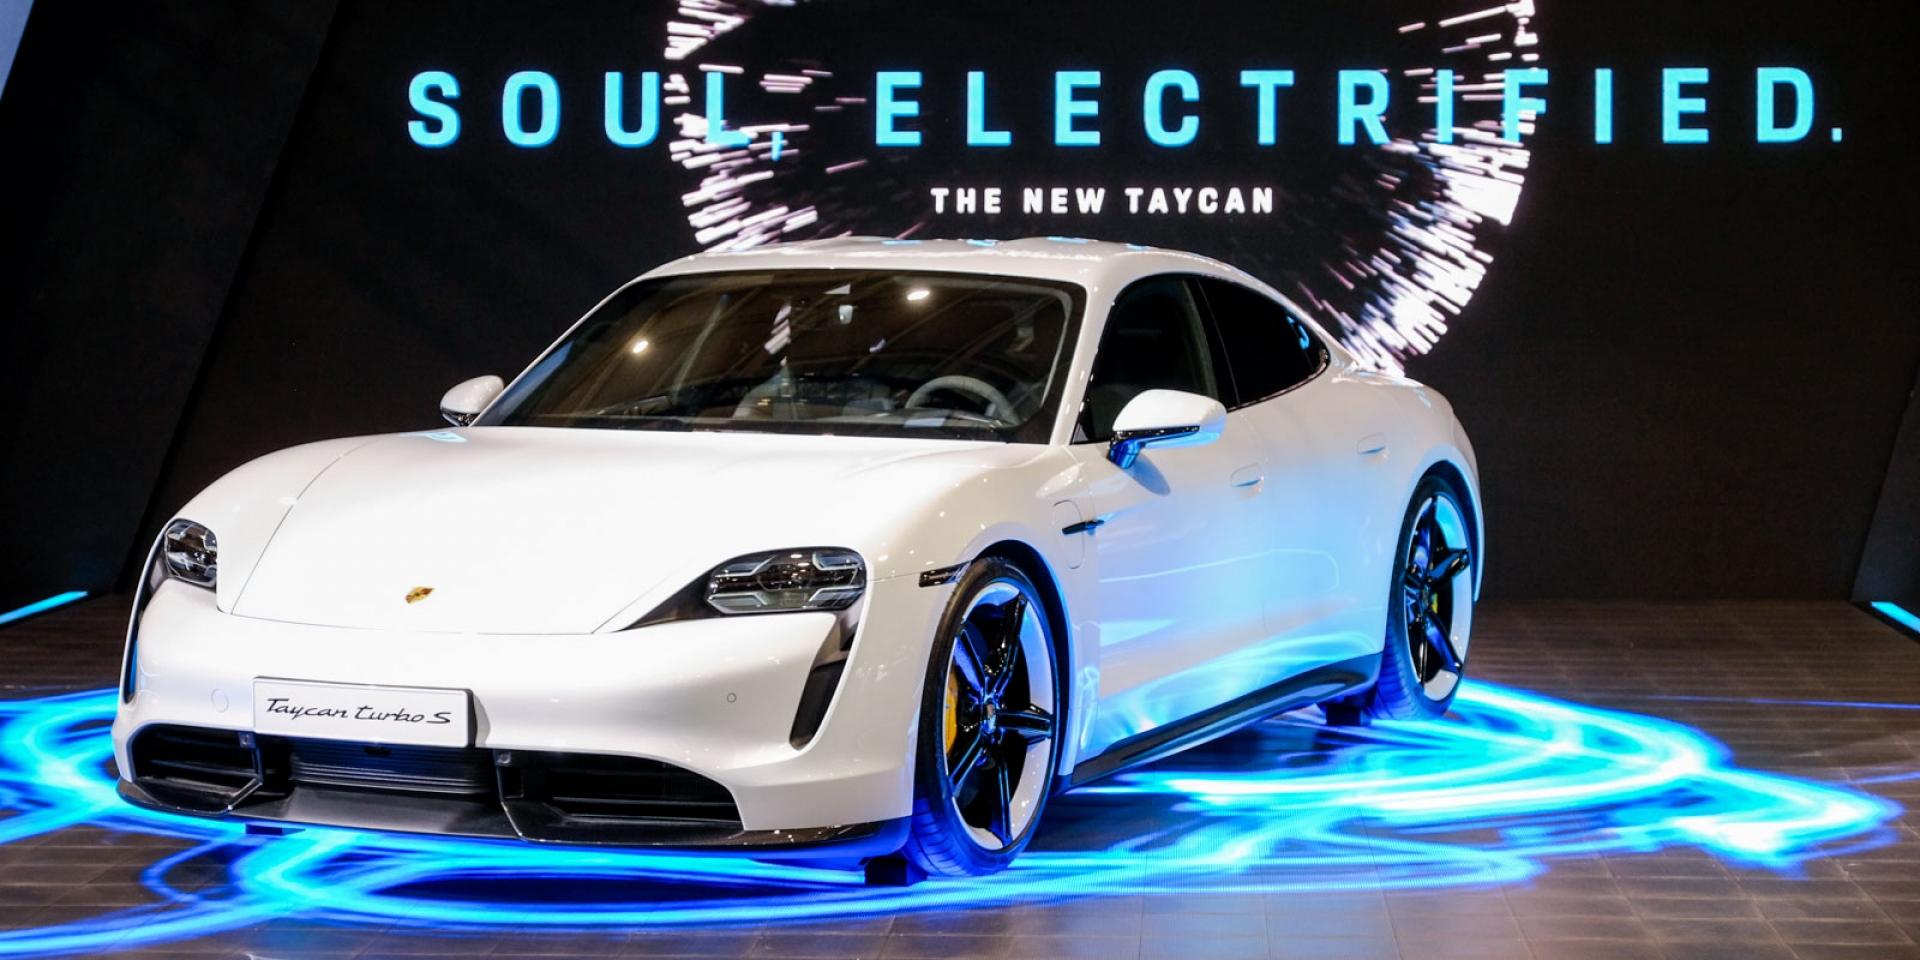 2020世界新車大展。Porsche Taycan正式在台發表